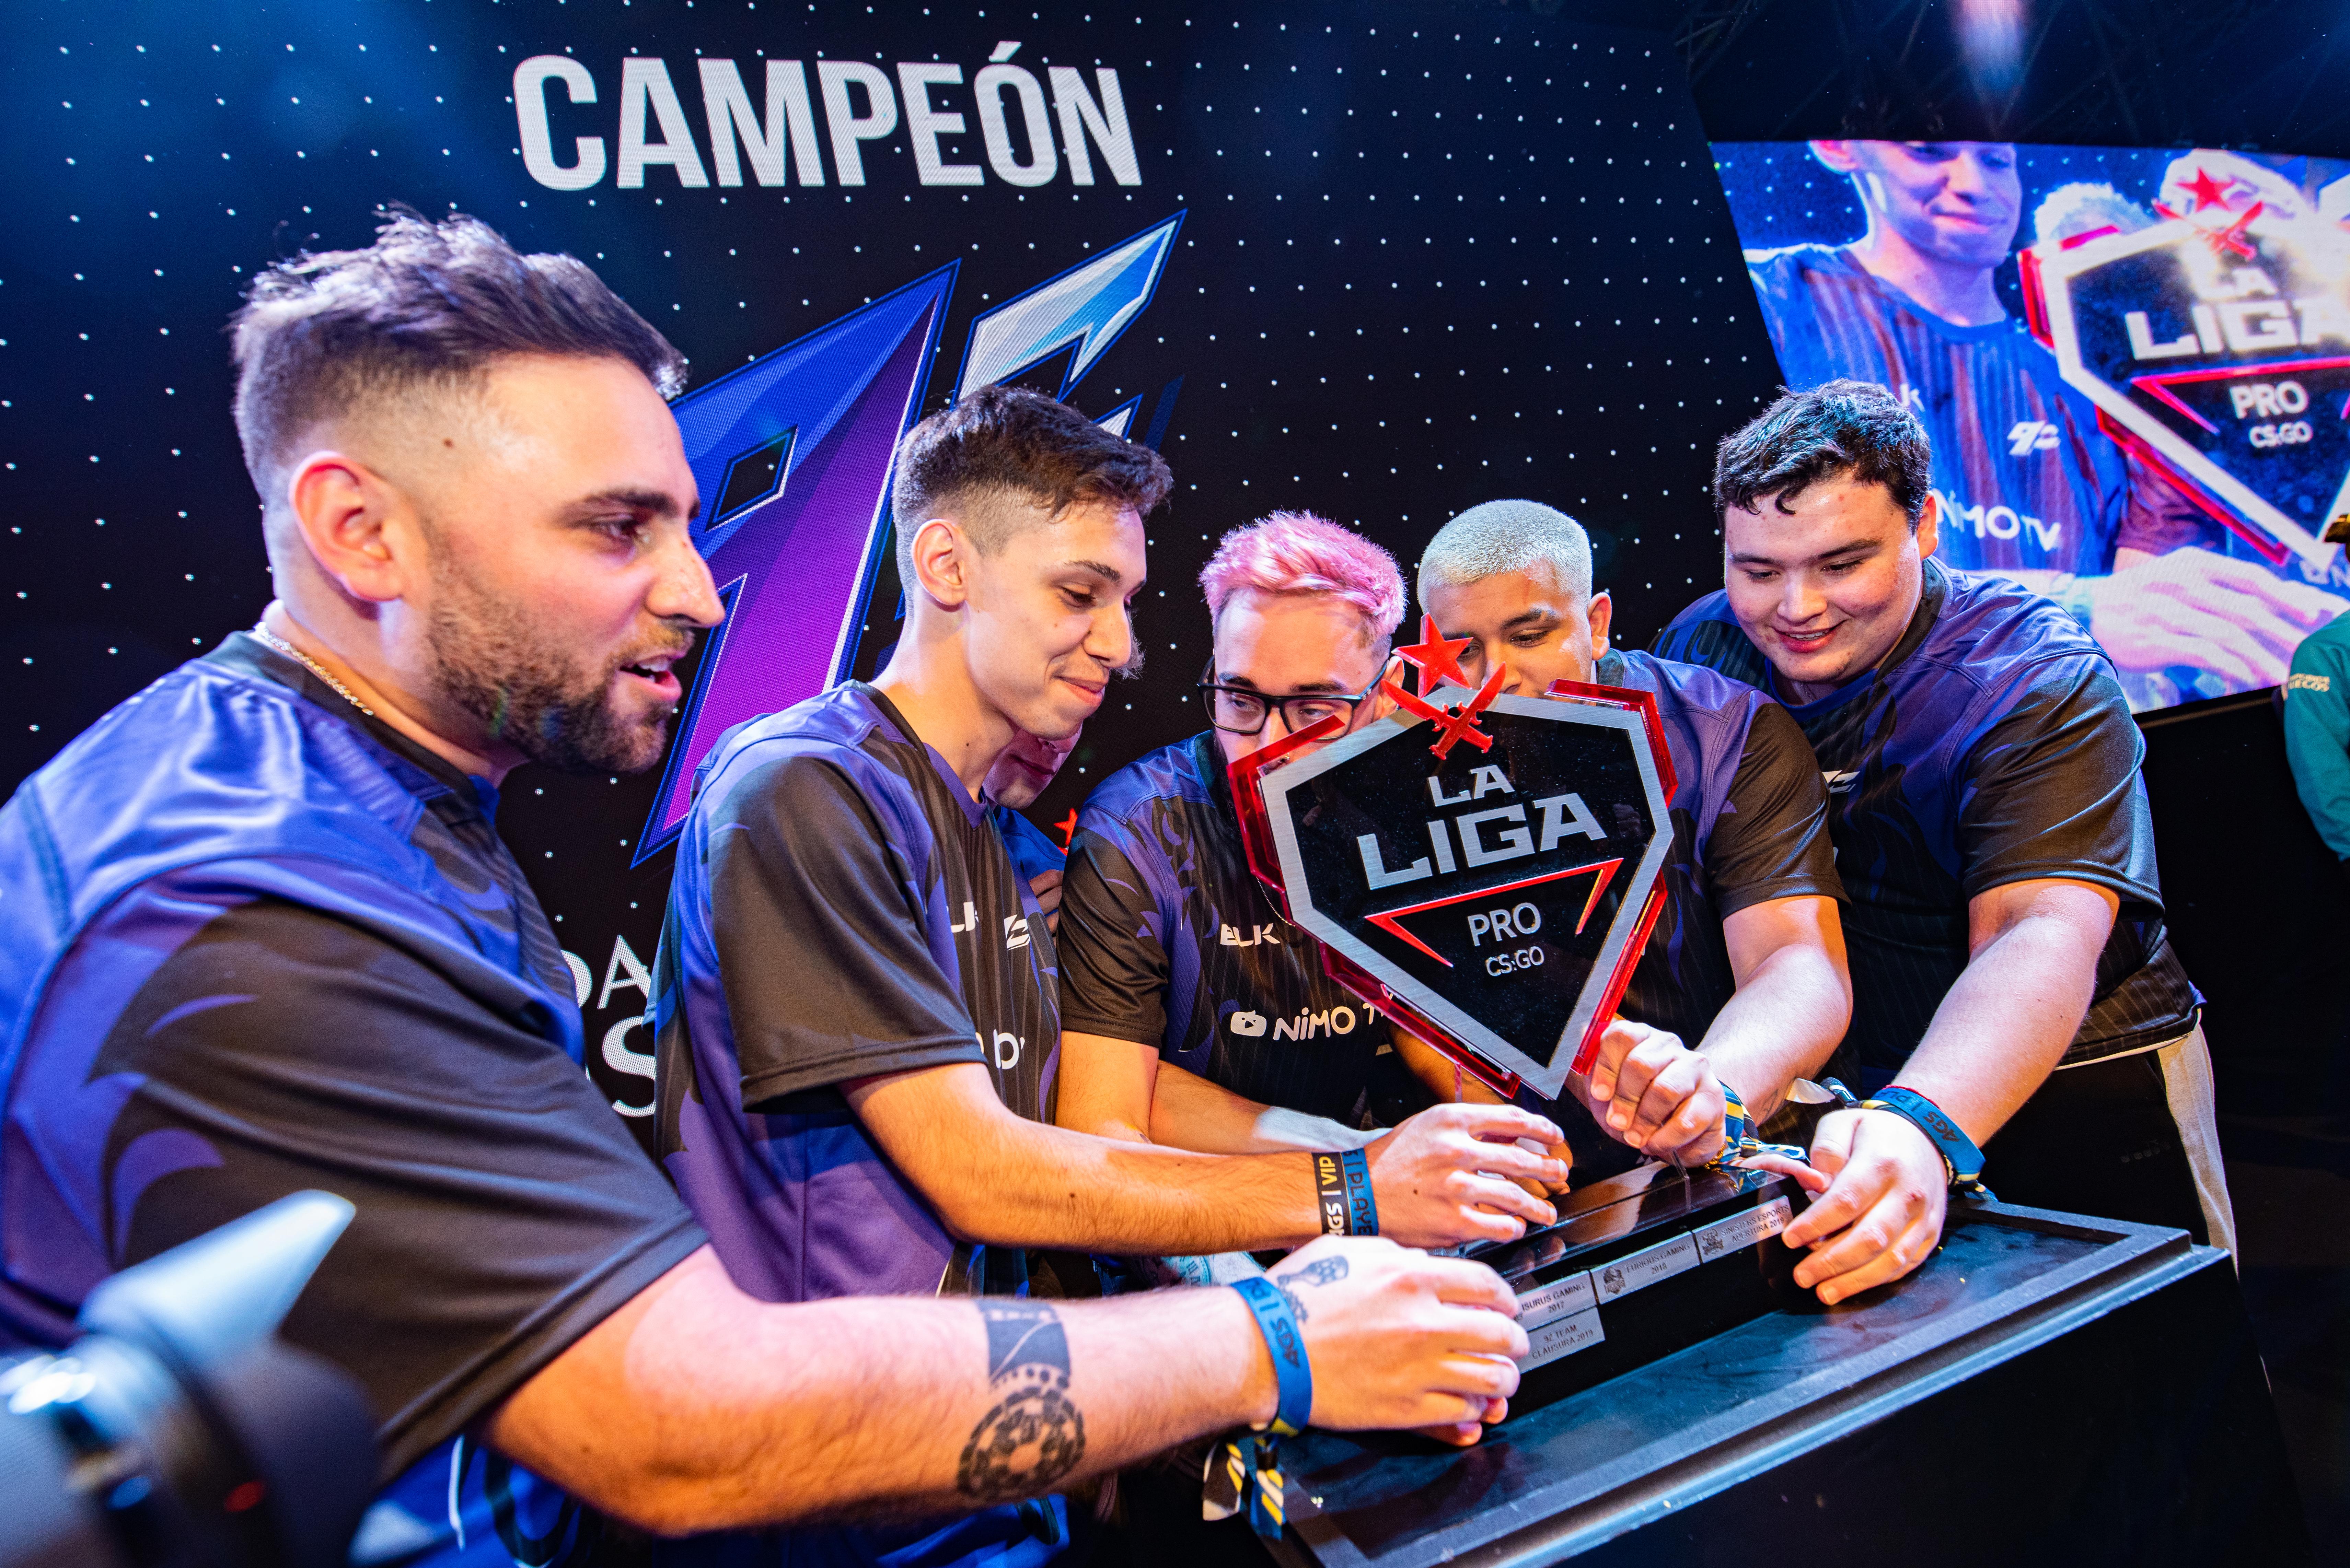 El equipo 9Z, ganador de la Liga Pro CS GO